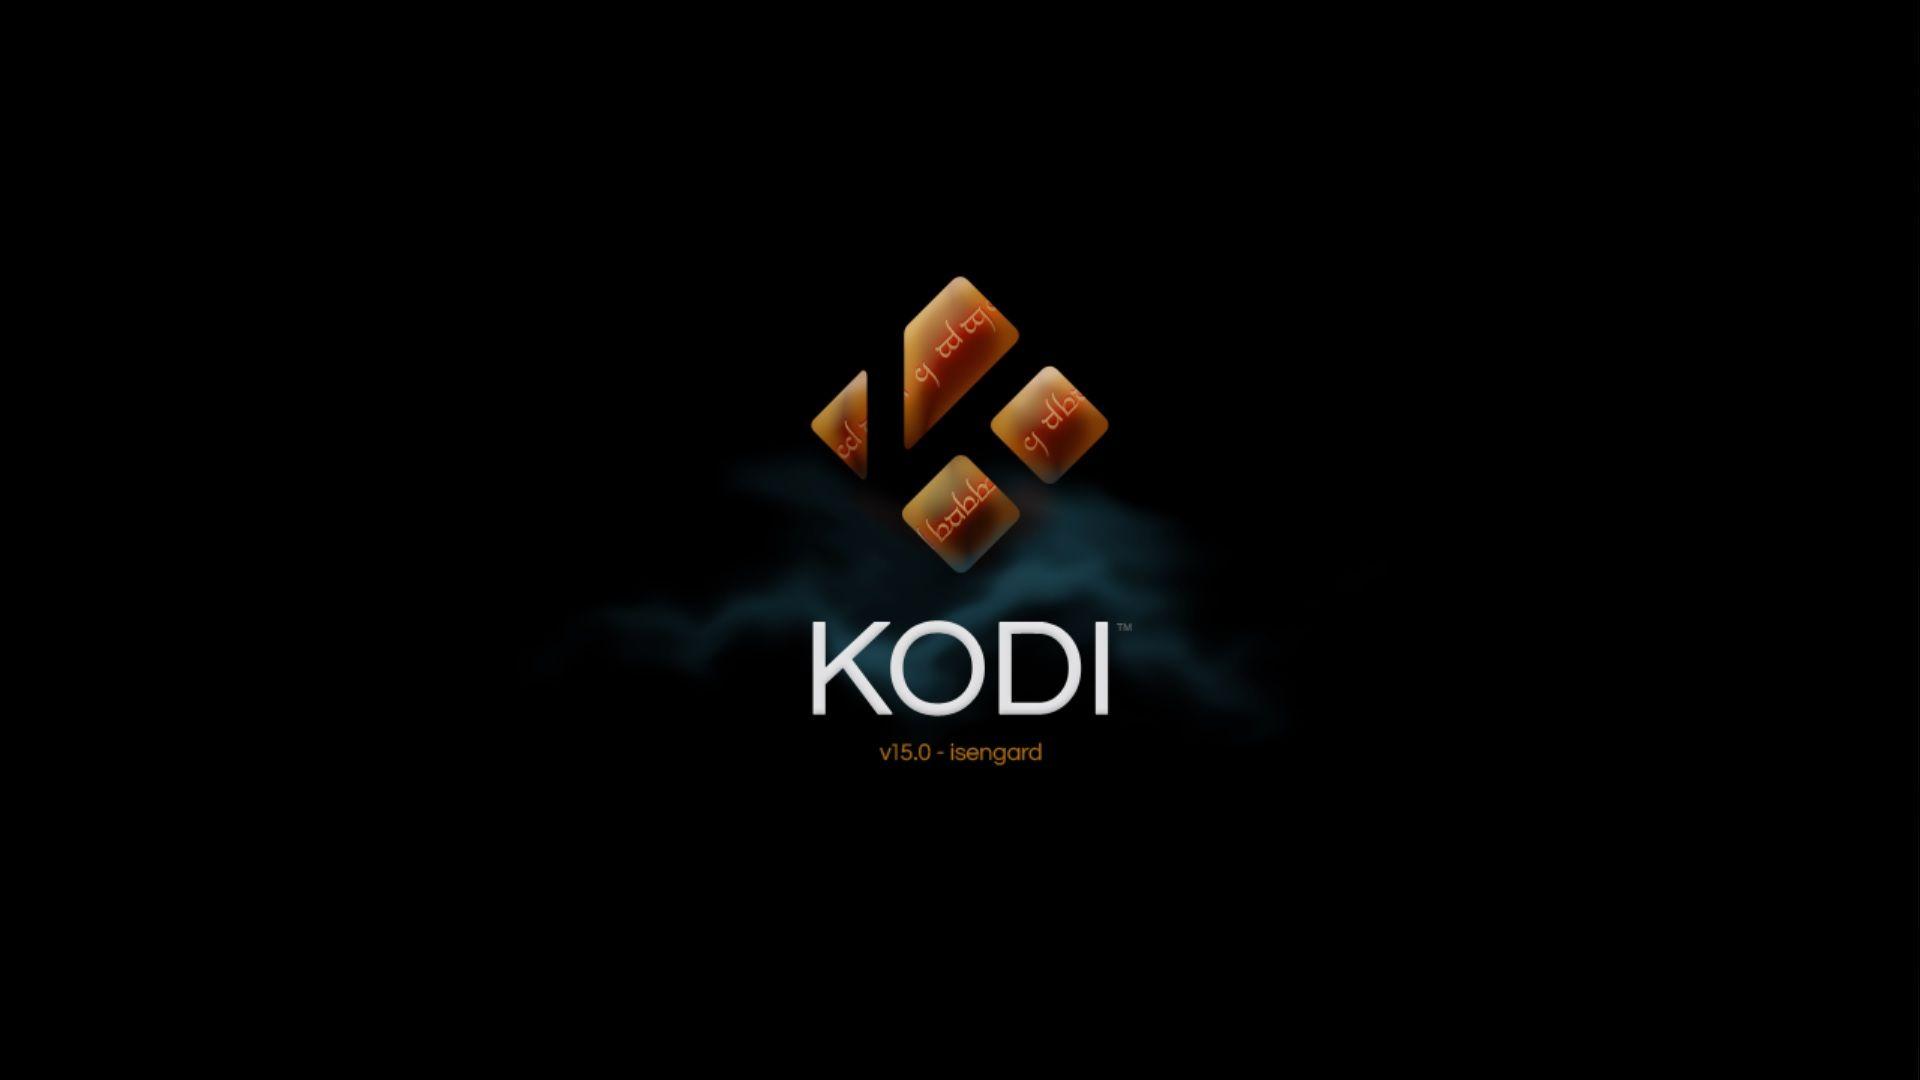 Kodi Wallpaper and Background